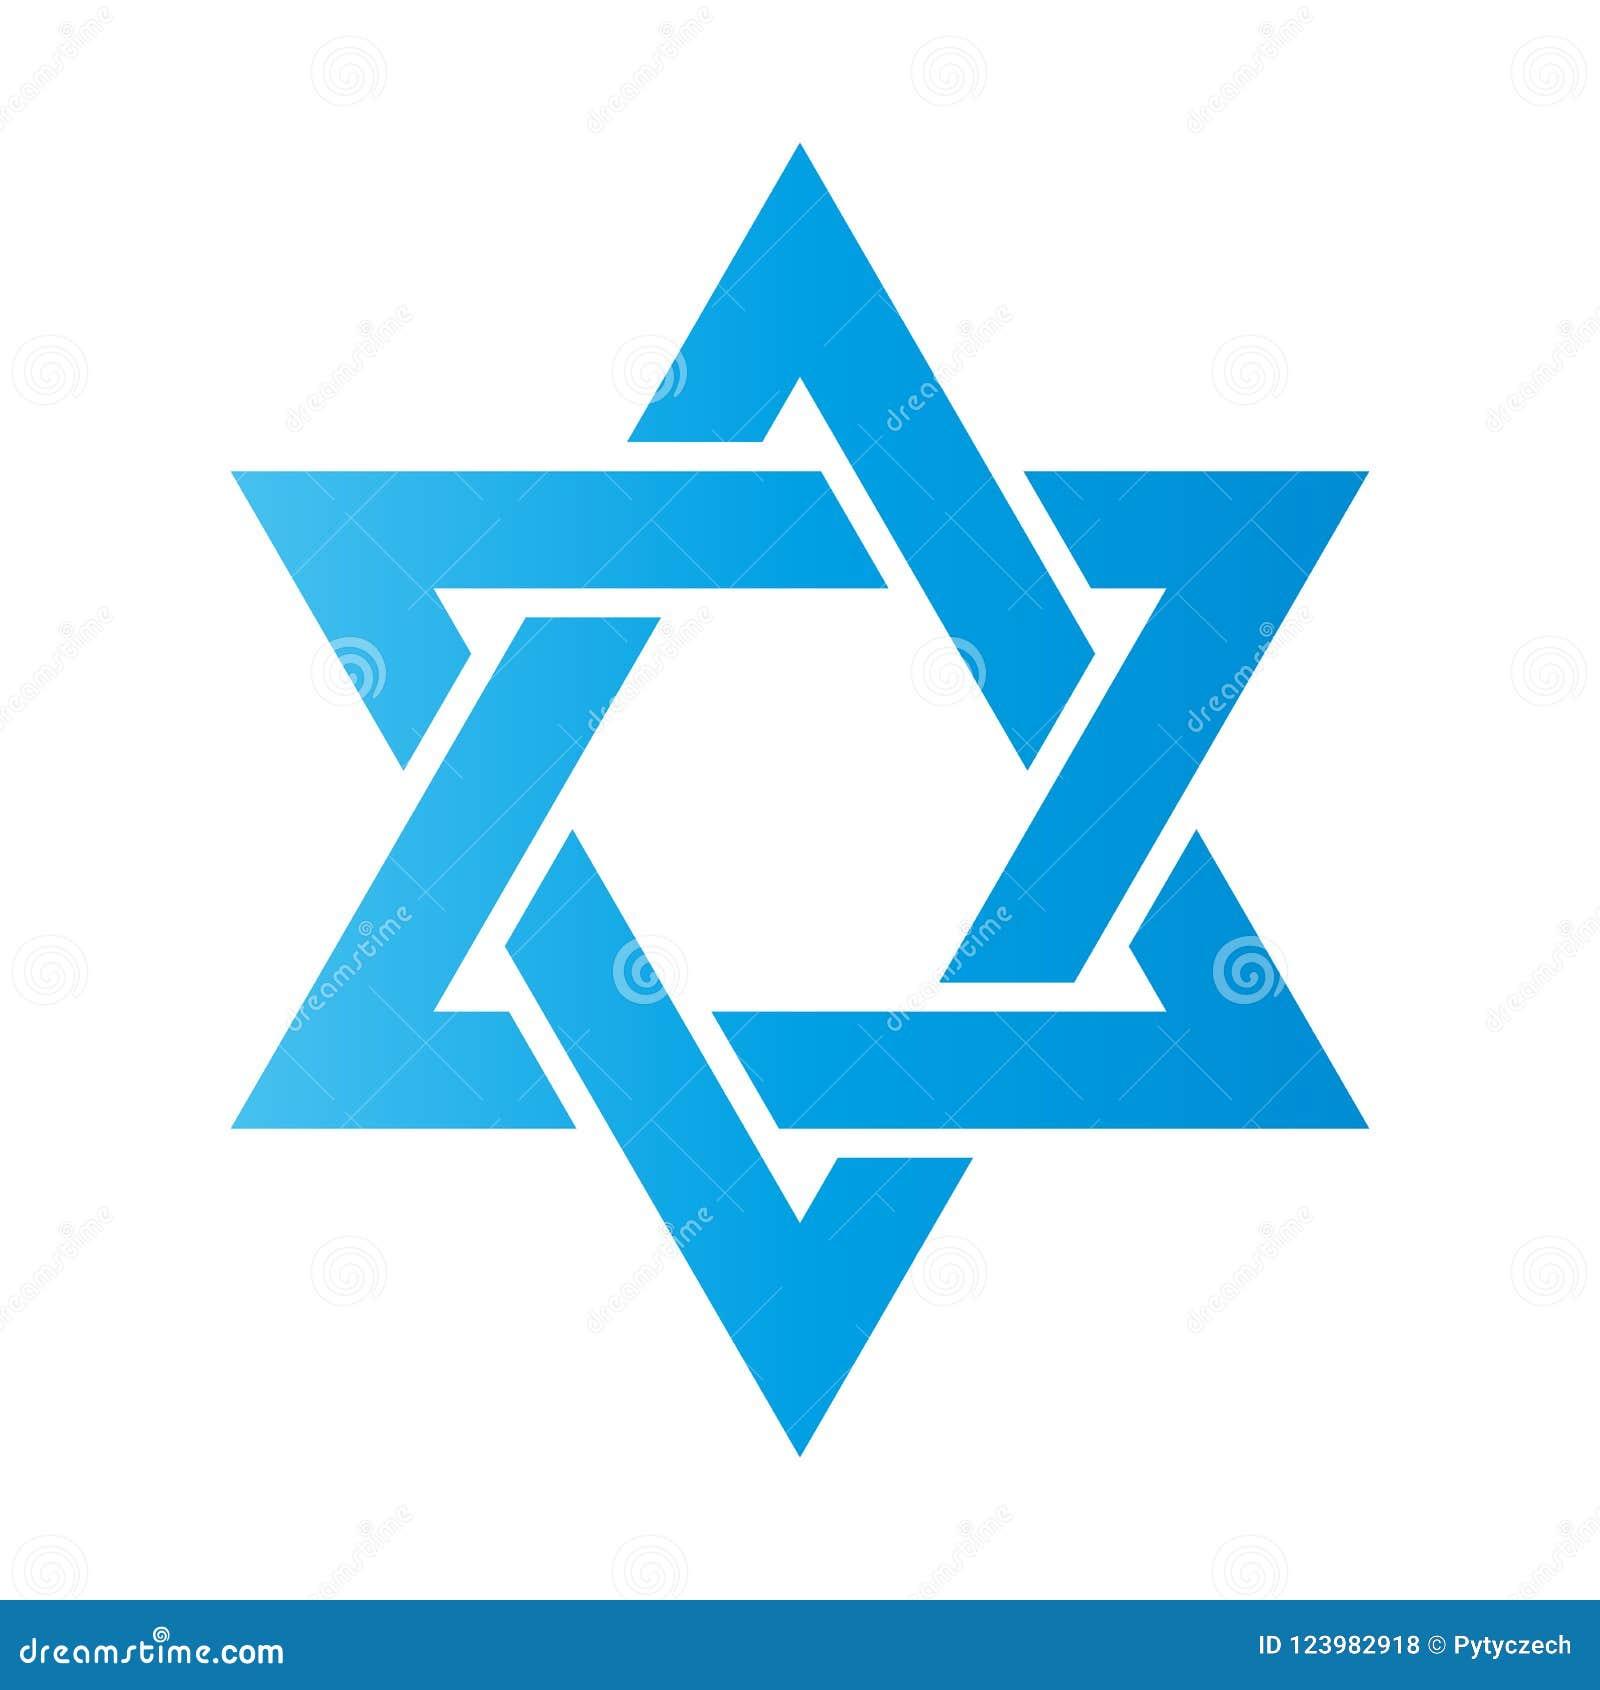 3D illustratie Hexagramteken Symbool van Joods identiteit en Judaïsme Eenvoudige vlakke blauwe illustratie